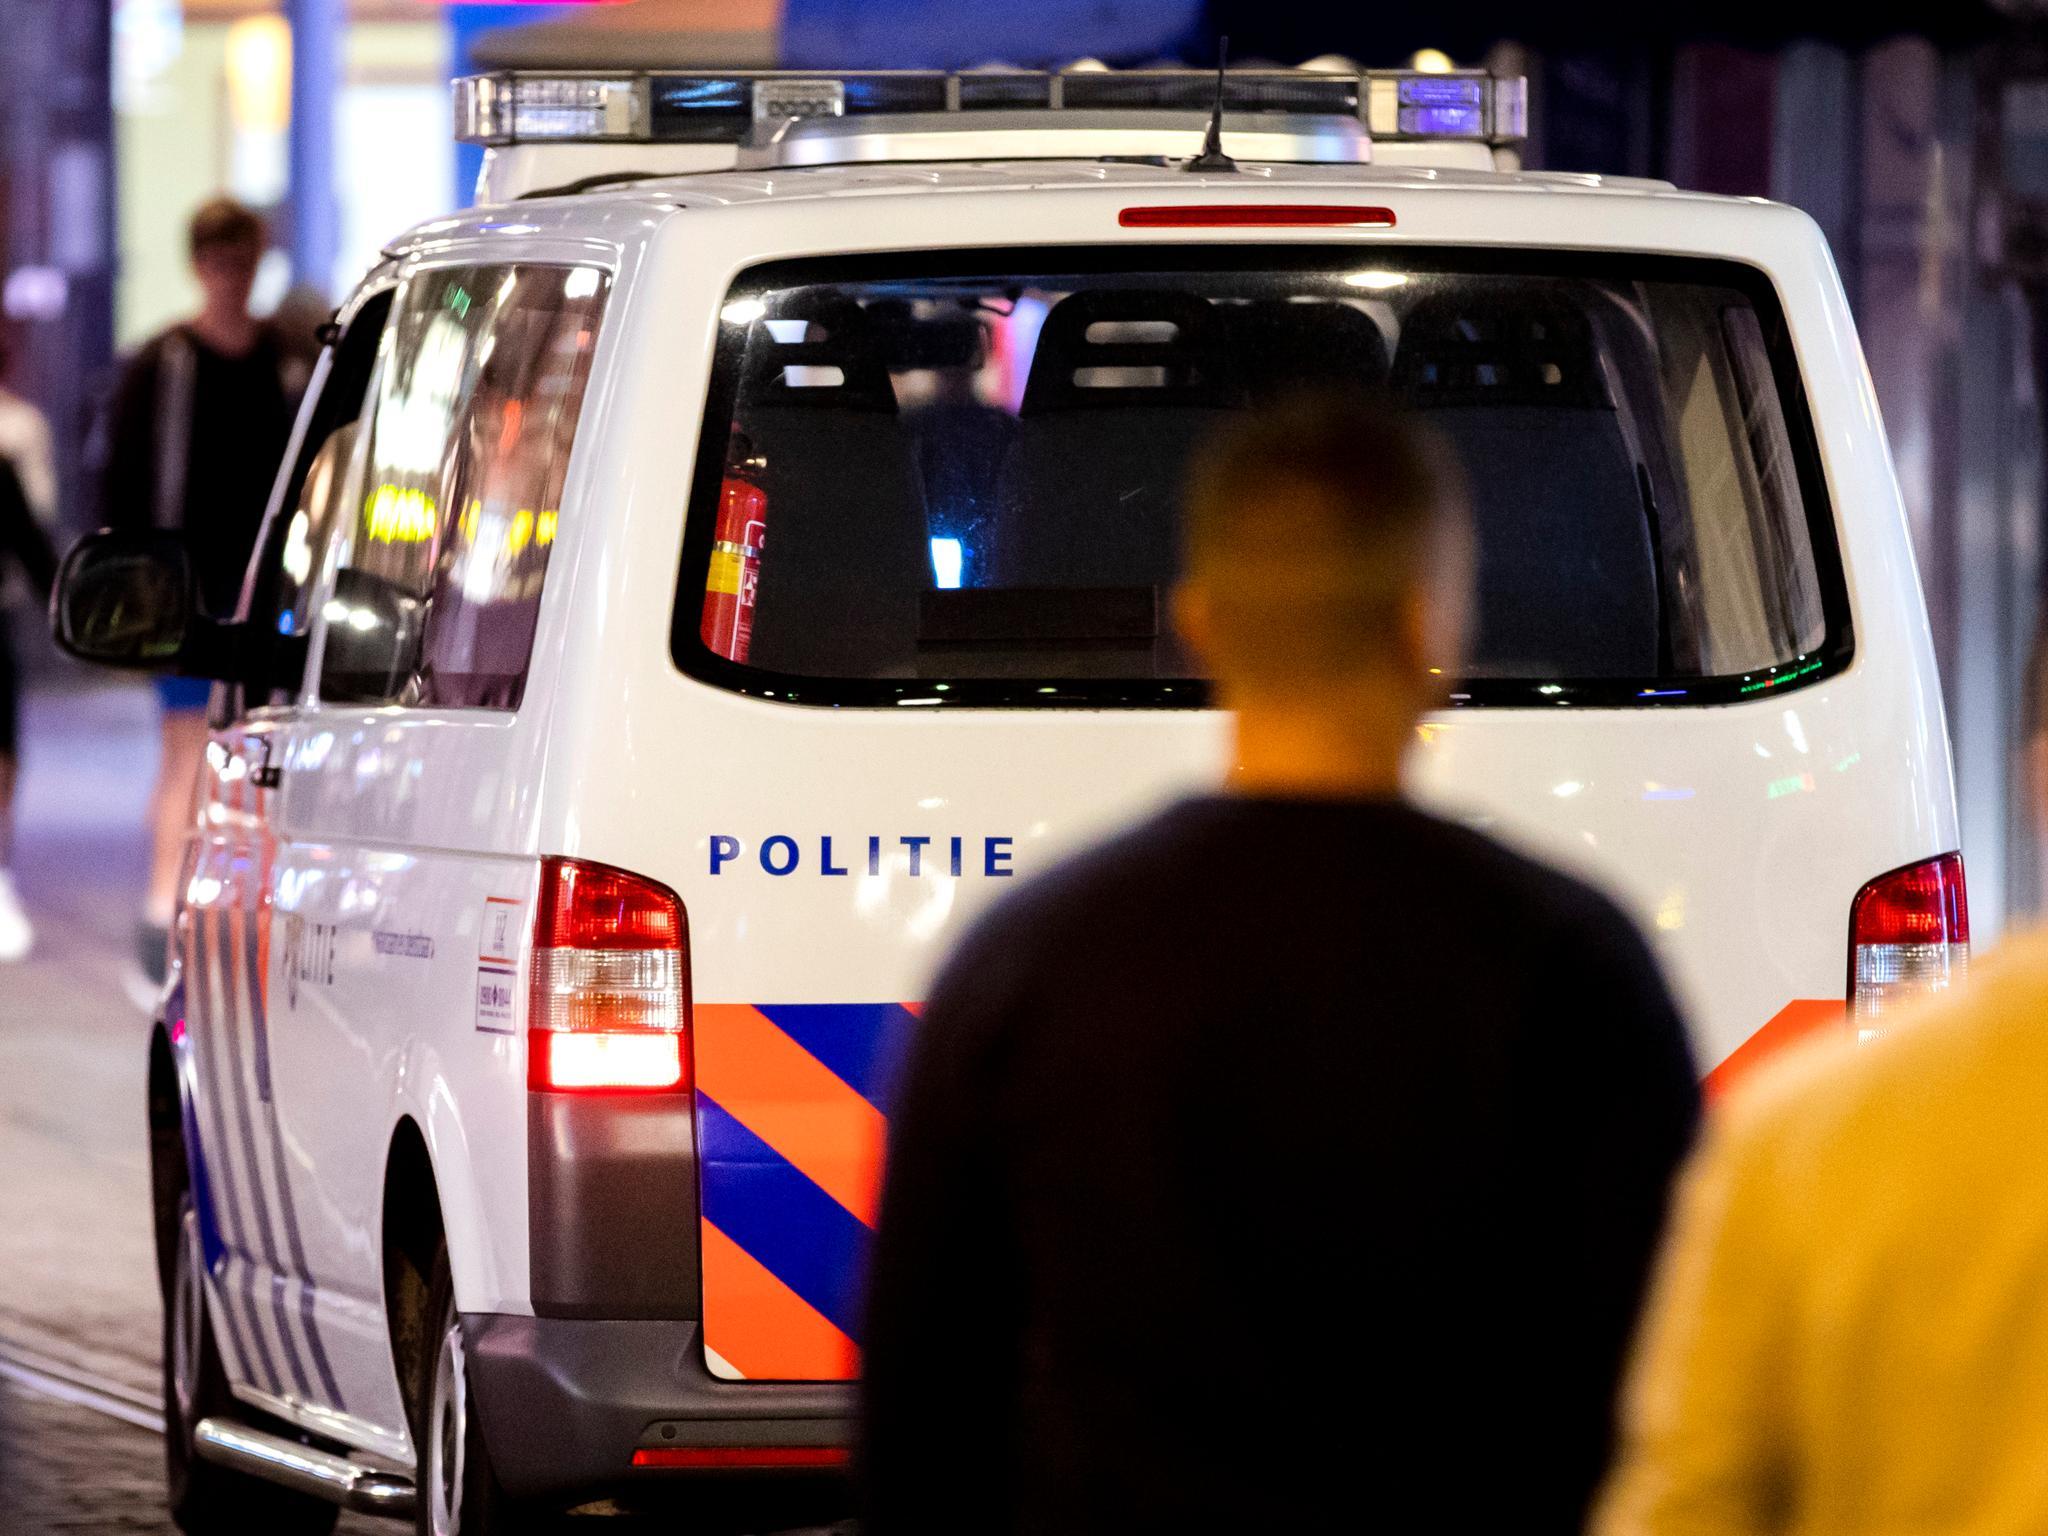 dbc69a4f0c3 Google Nieuws - Explosieven Opruimingsdienst Defensie - Meest recent